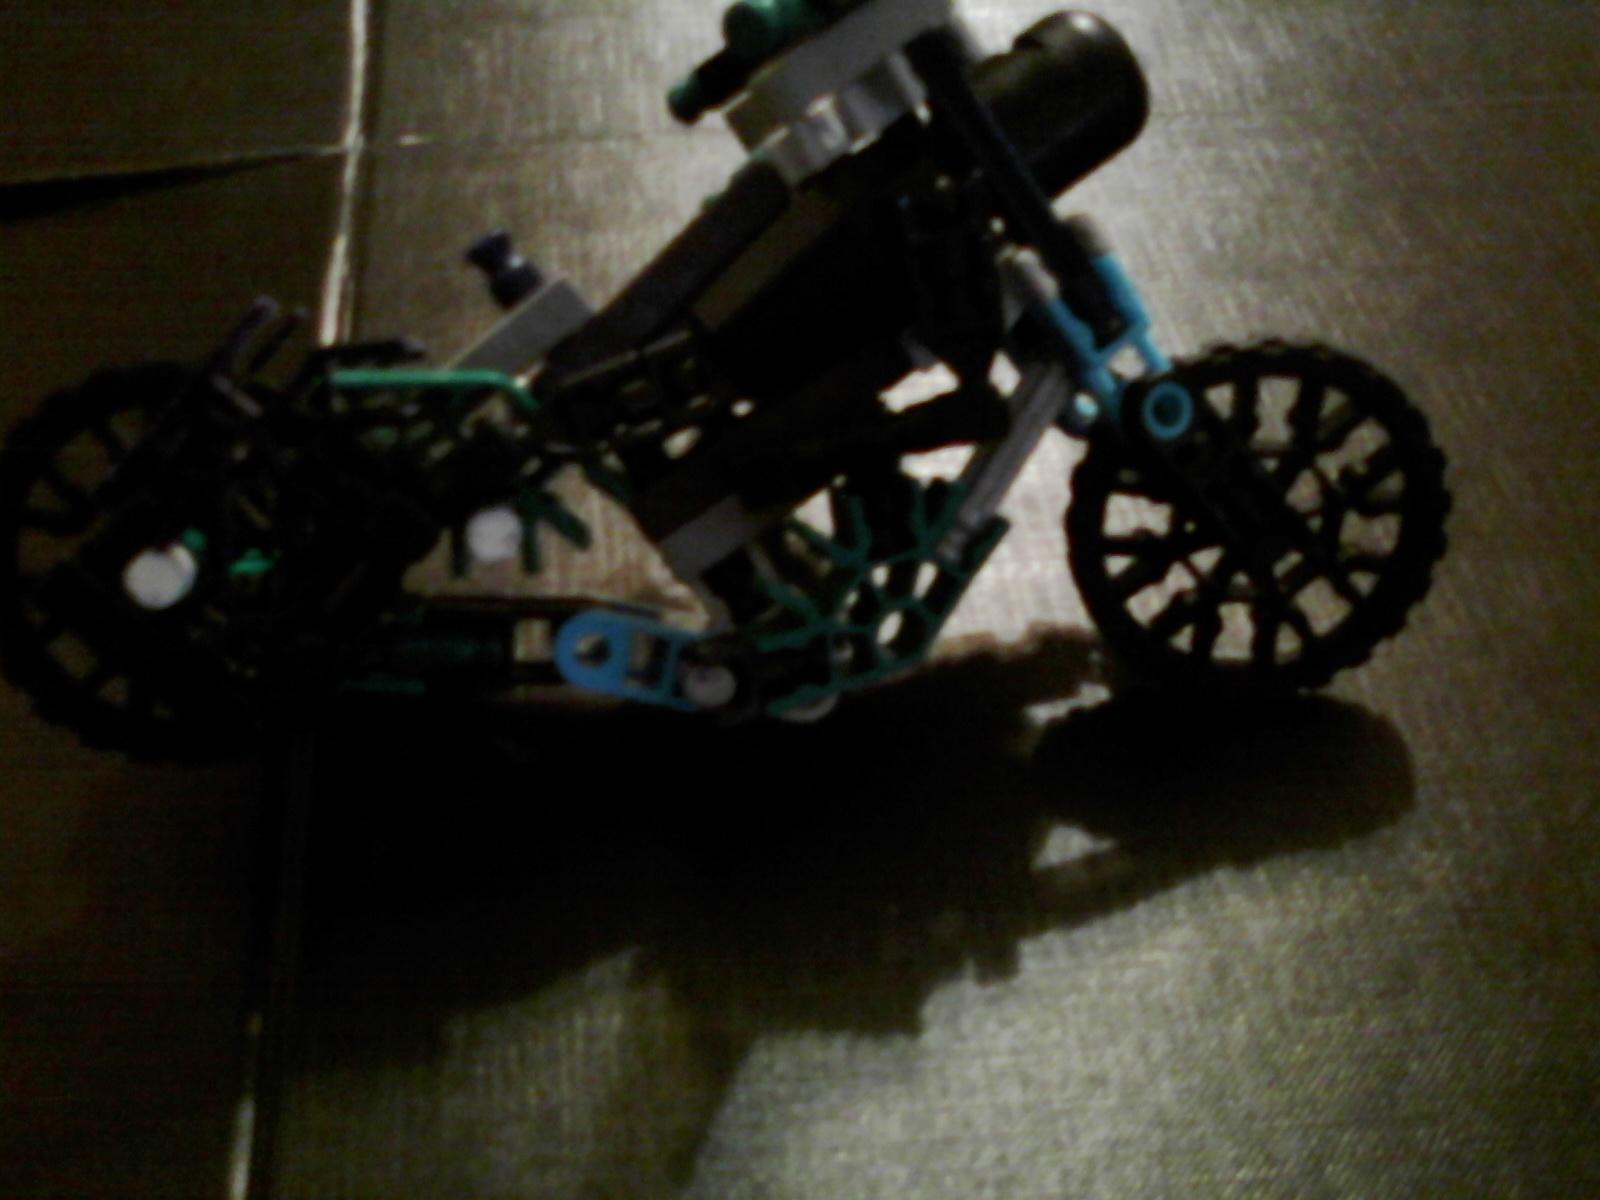 knex man motorcycle transformer